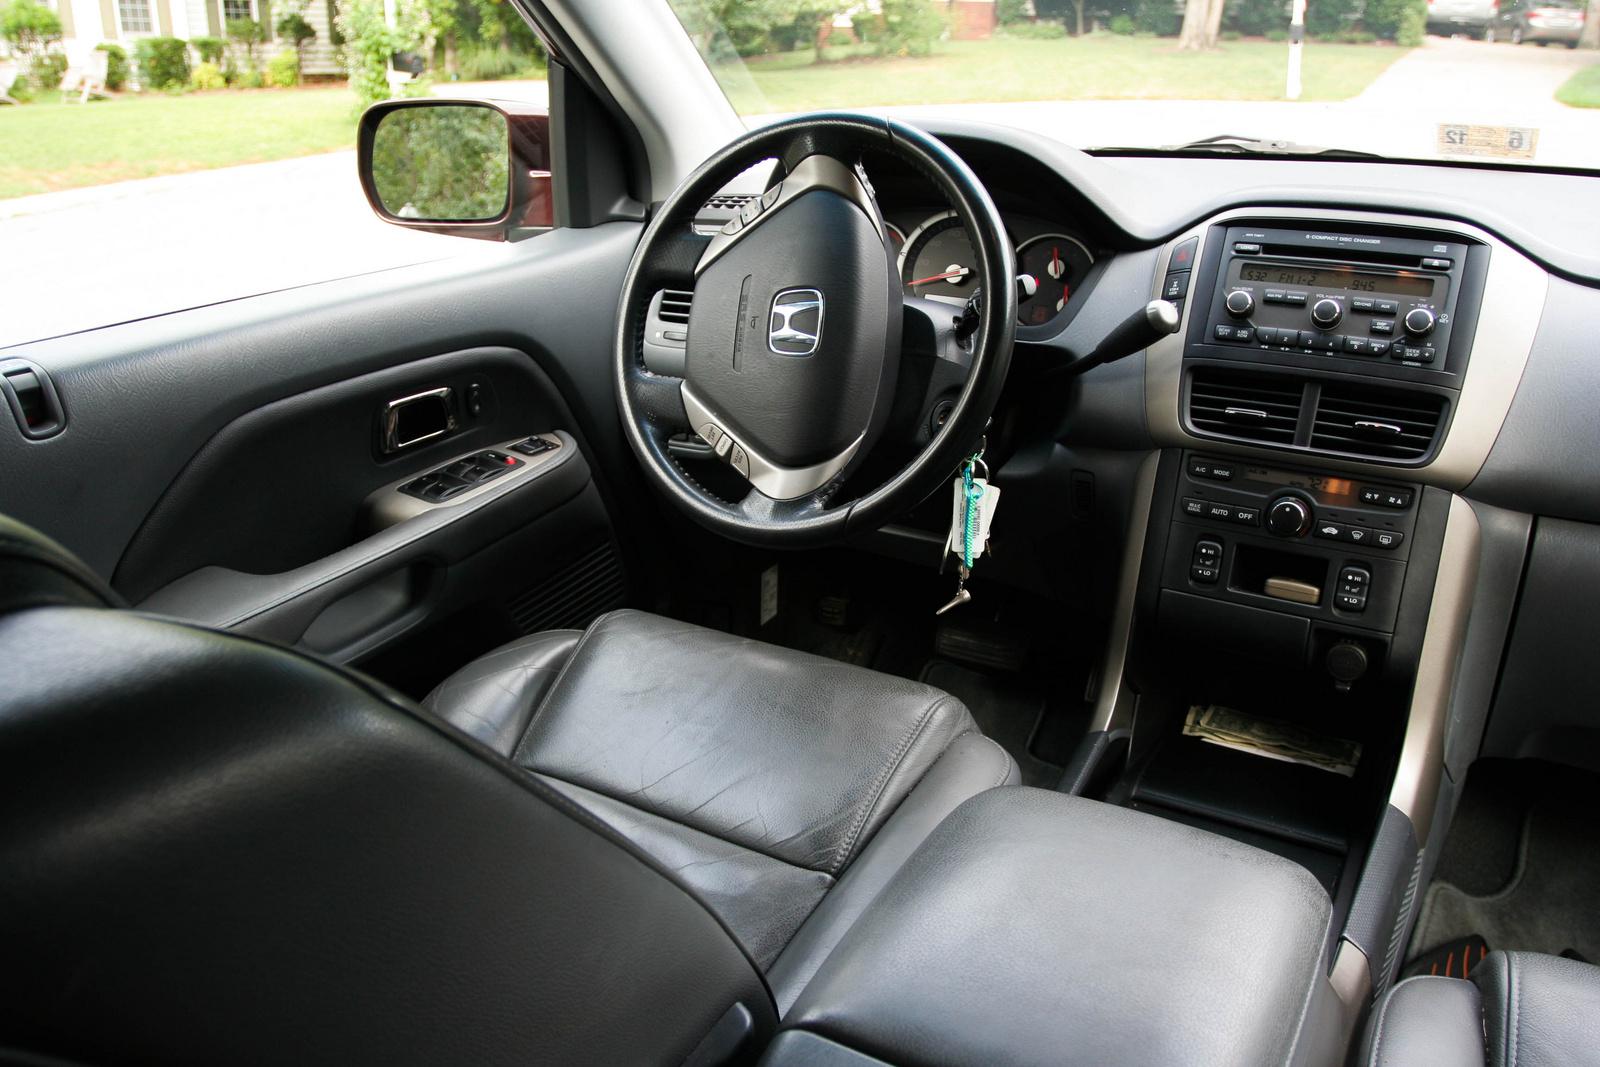 2007 Honda Pilot Pictures Cargurus